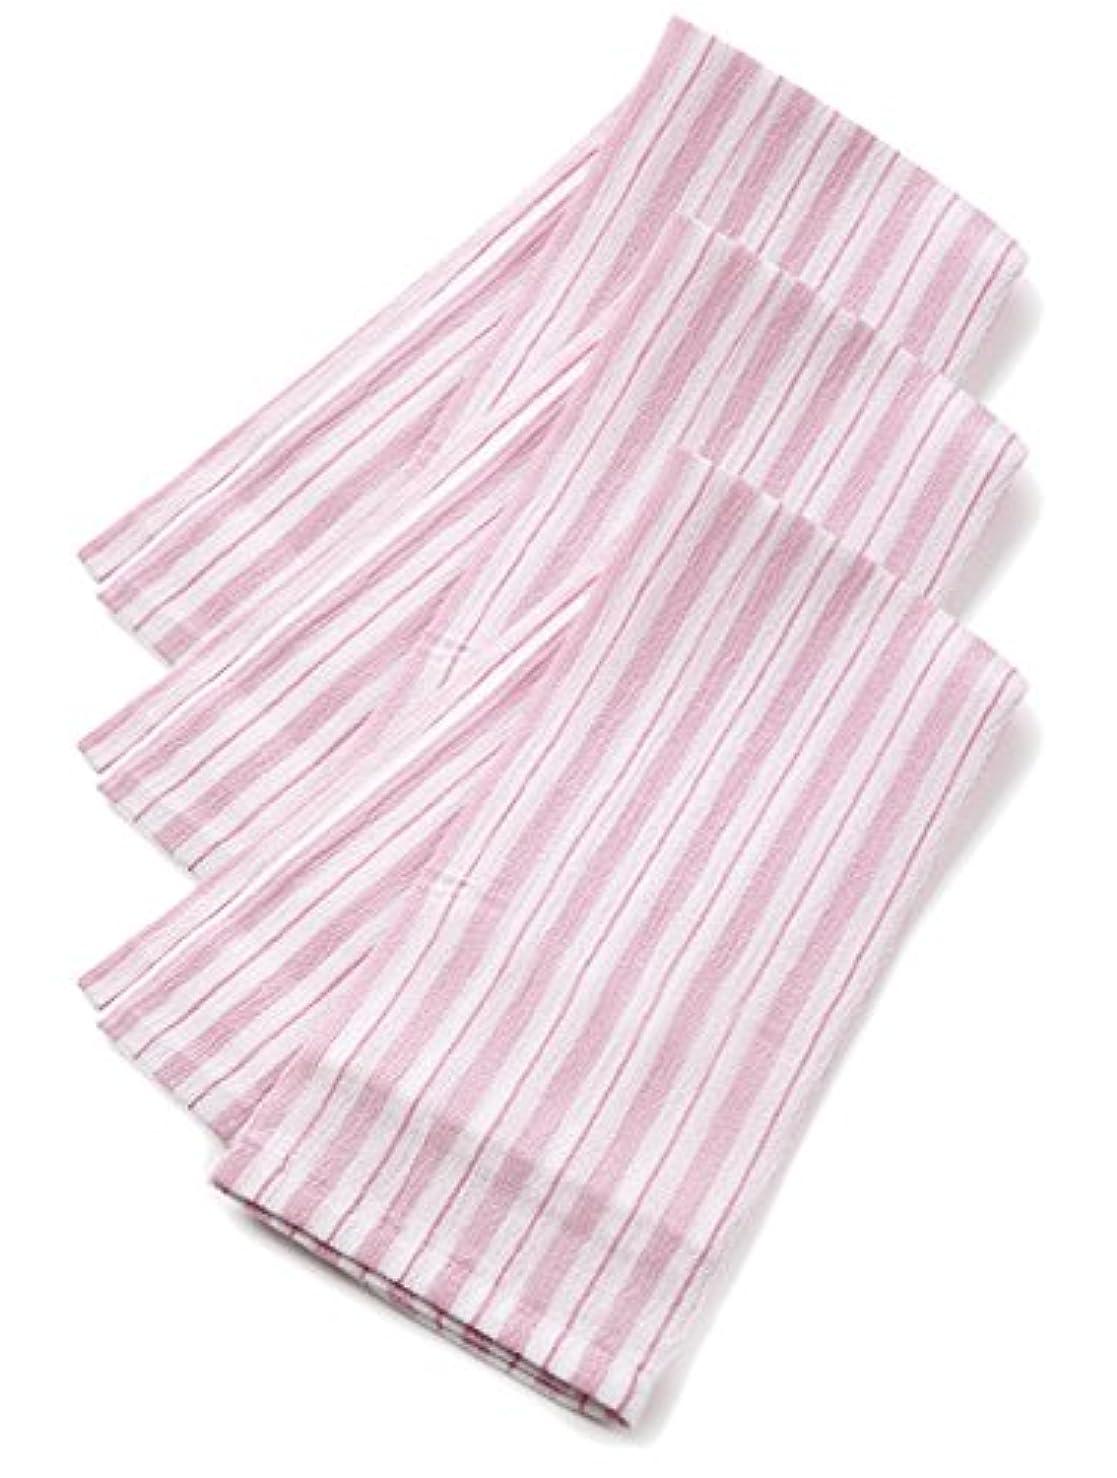 収束ボクシング掻くくーる&ほっと 昔ながらのレーヨンあかすり 日本製(群馬県で製造) 長尺 3枚組 (ピンク)